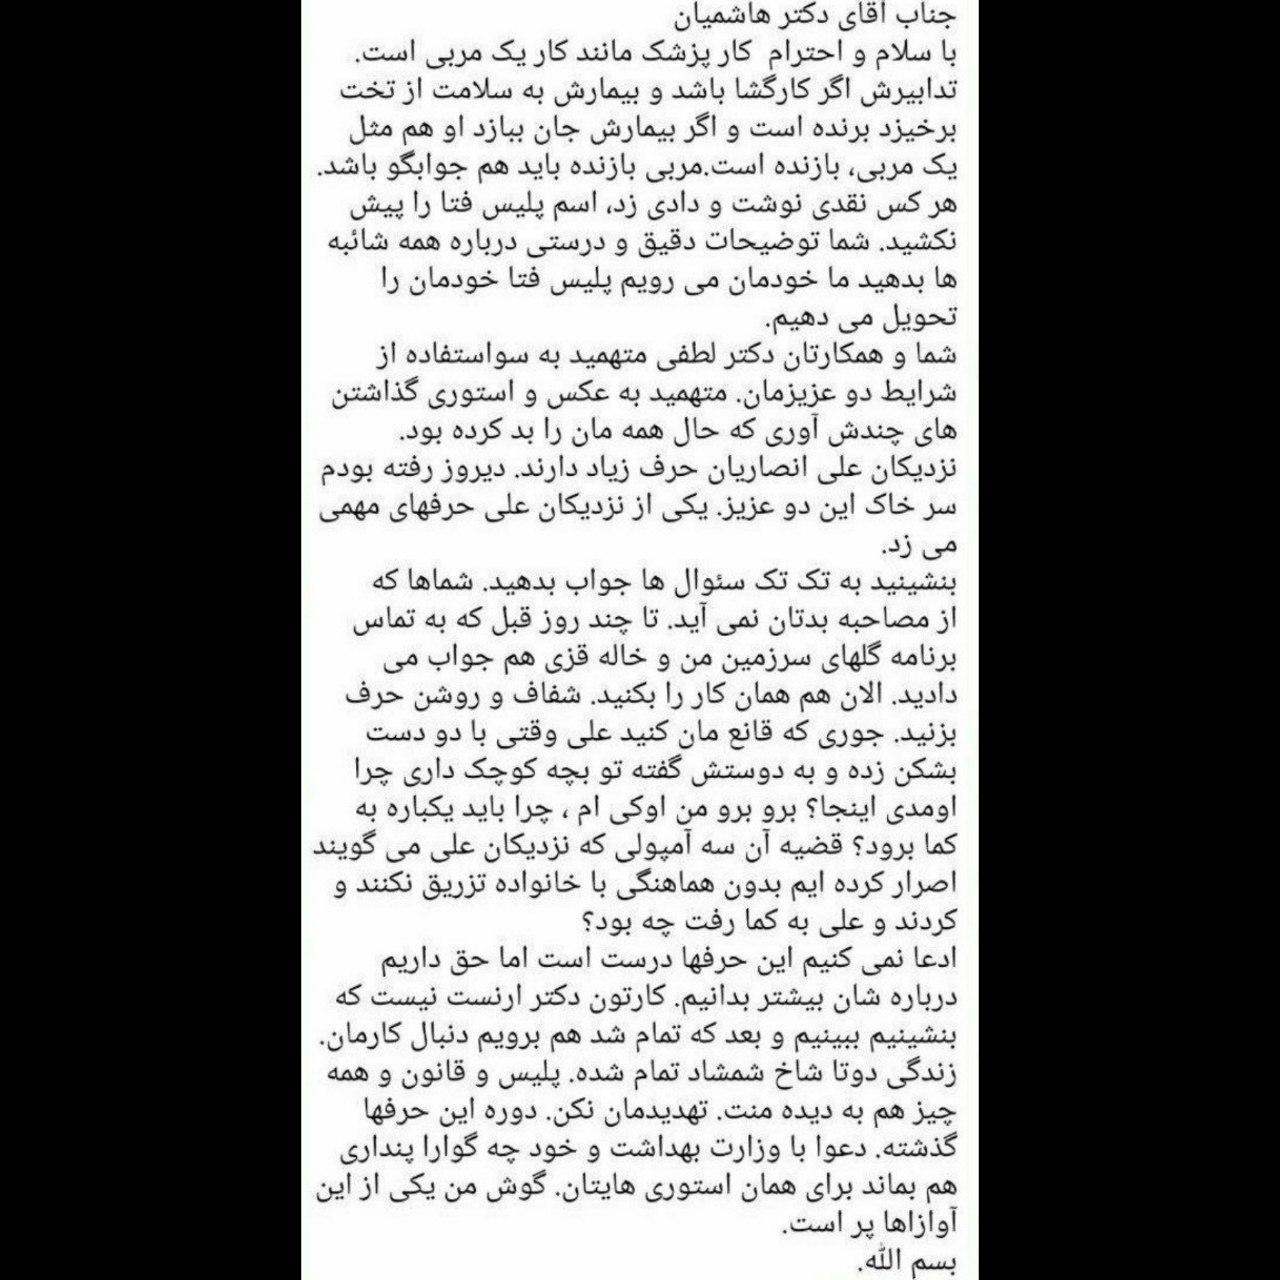 ادعای جنجالی در مورد علت مرگ علی انصاریان | 3 آمپول مرموزی که او را به کما برد